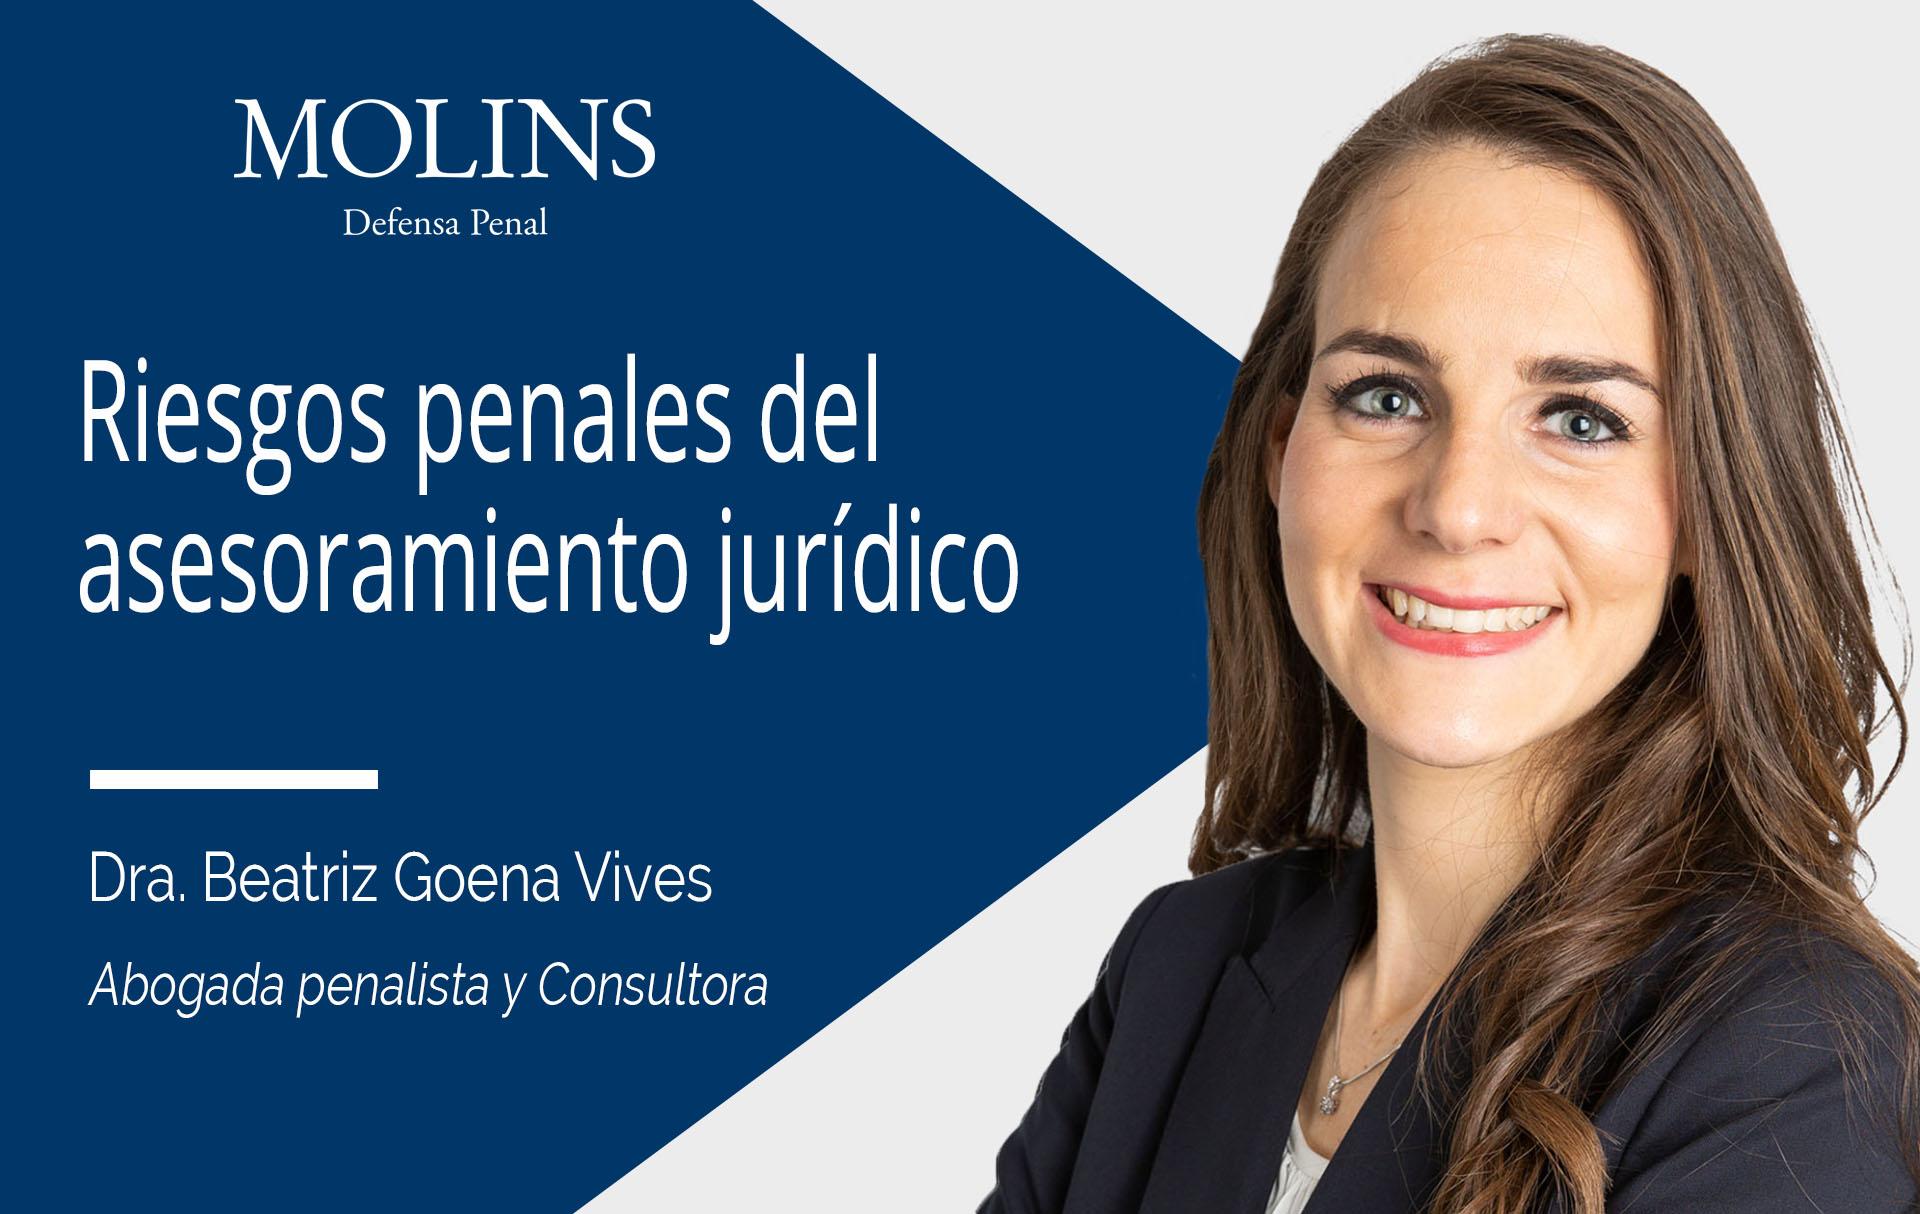 Riesgos penales del asesoramiento jurídico en opraciones sensibles